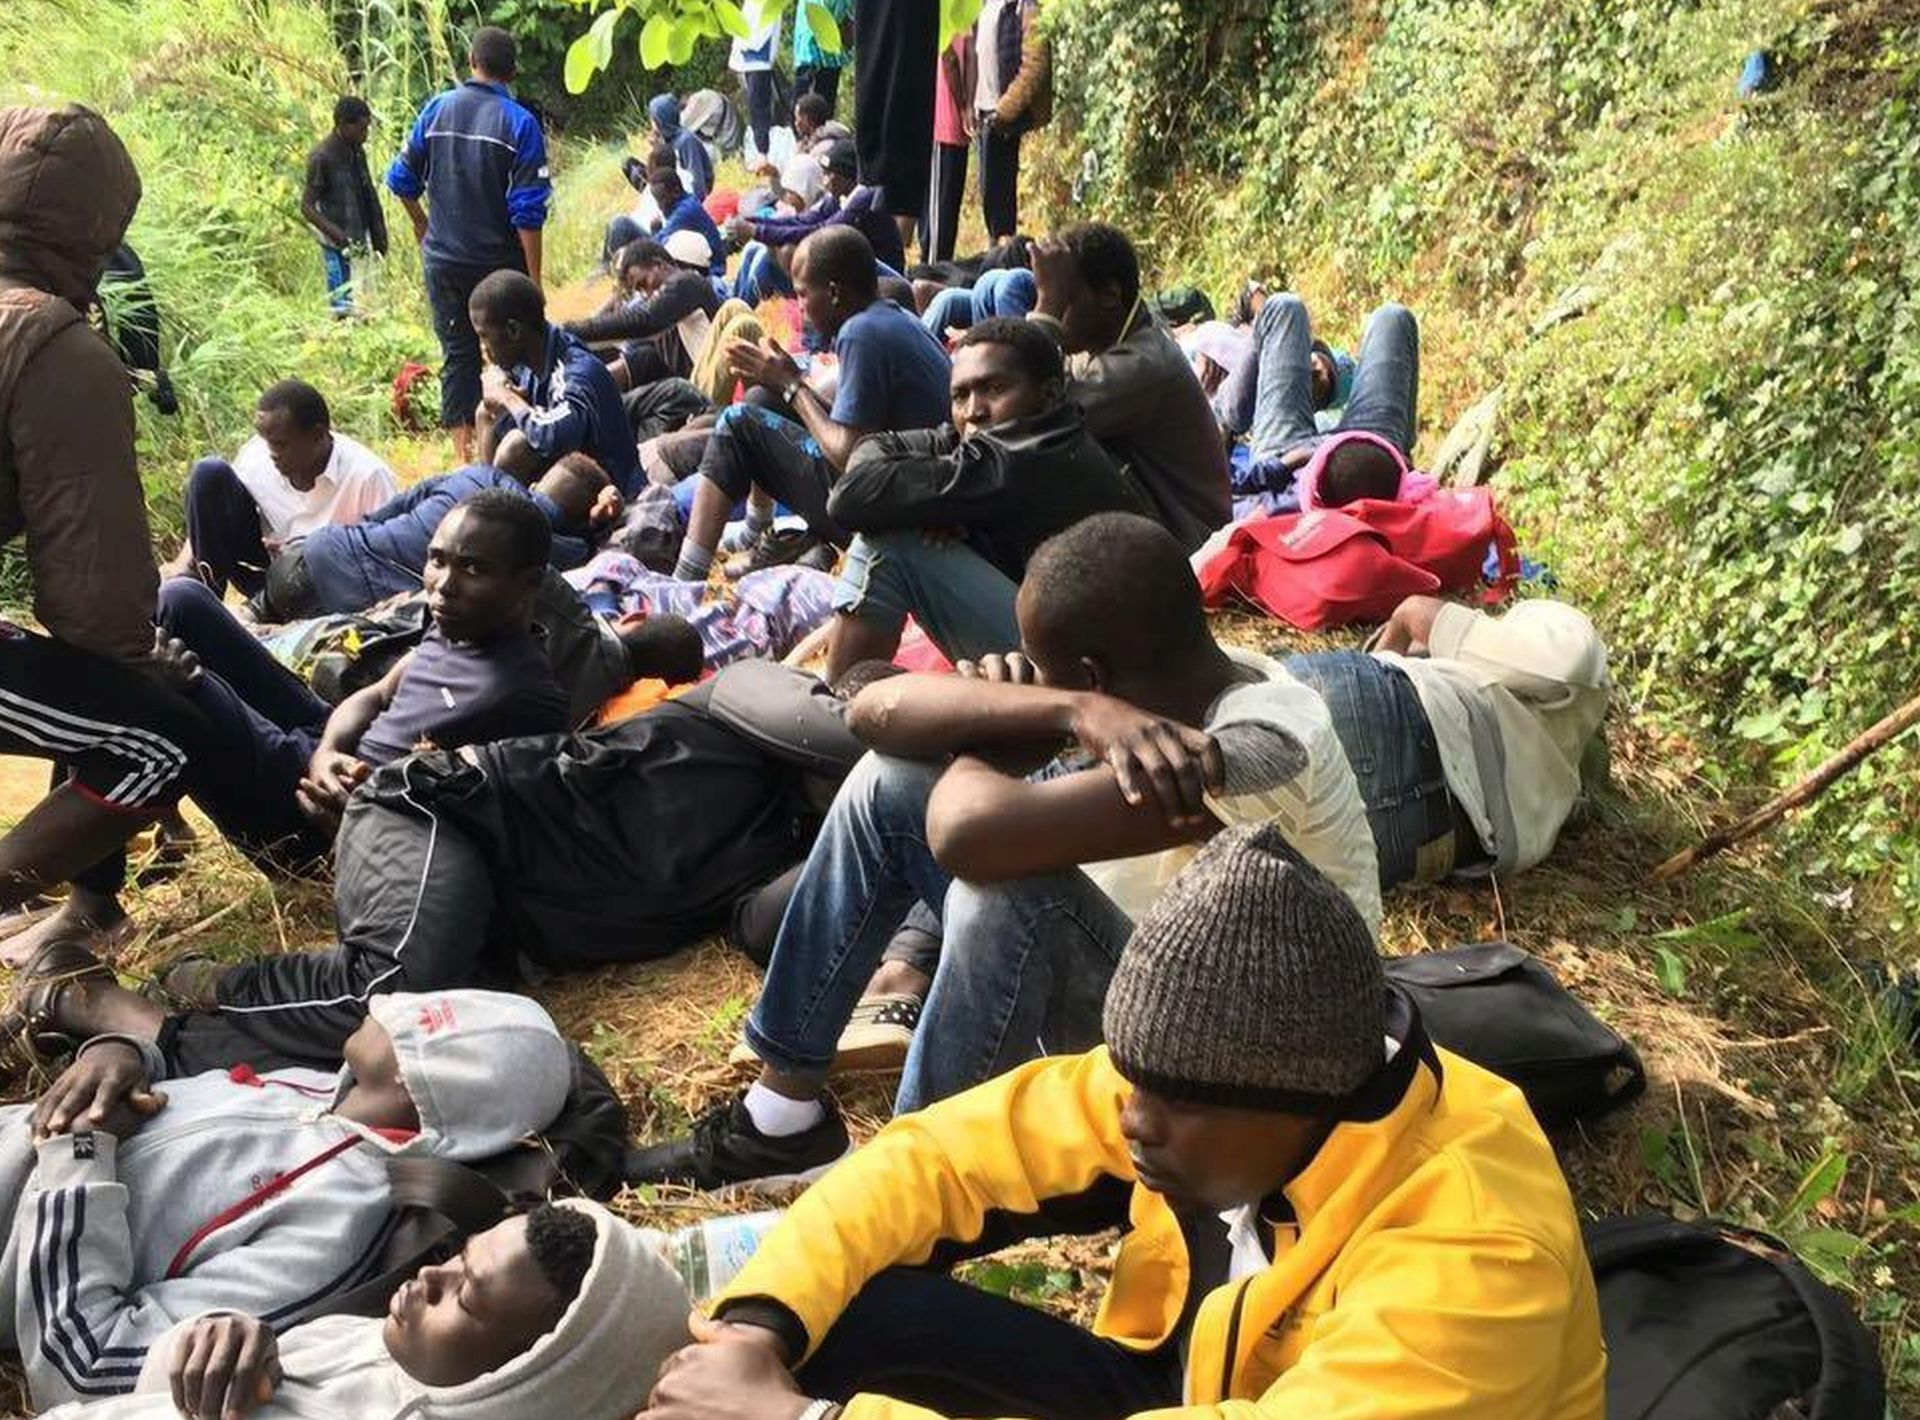 Italija traži pomoć EU-a u prihvaćanju migranata, prijeti zatvaranjem luka